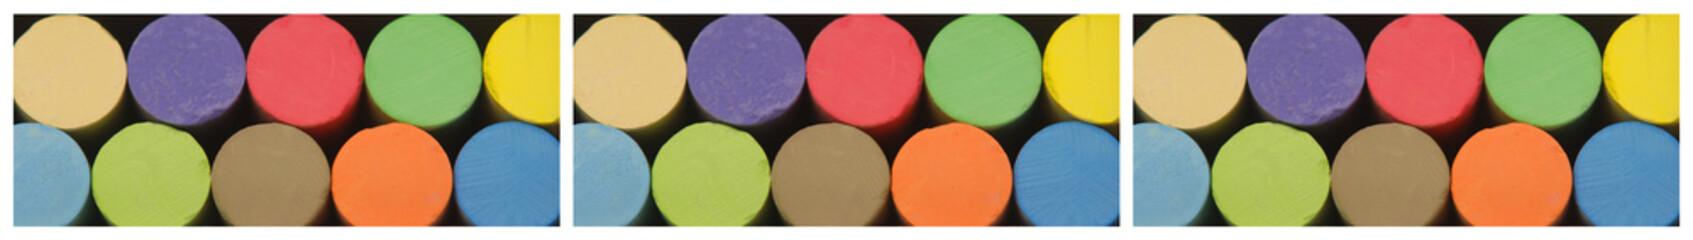 Colored chalks - Gessetti colorati